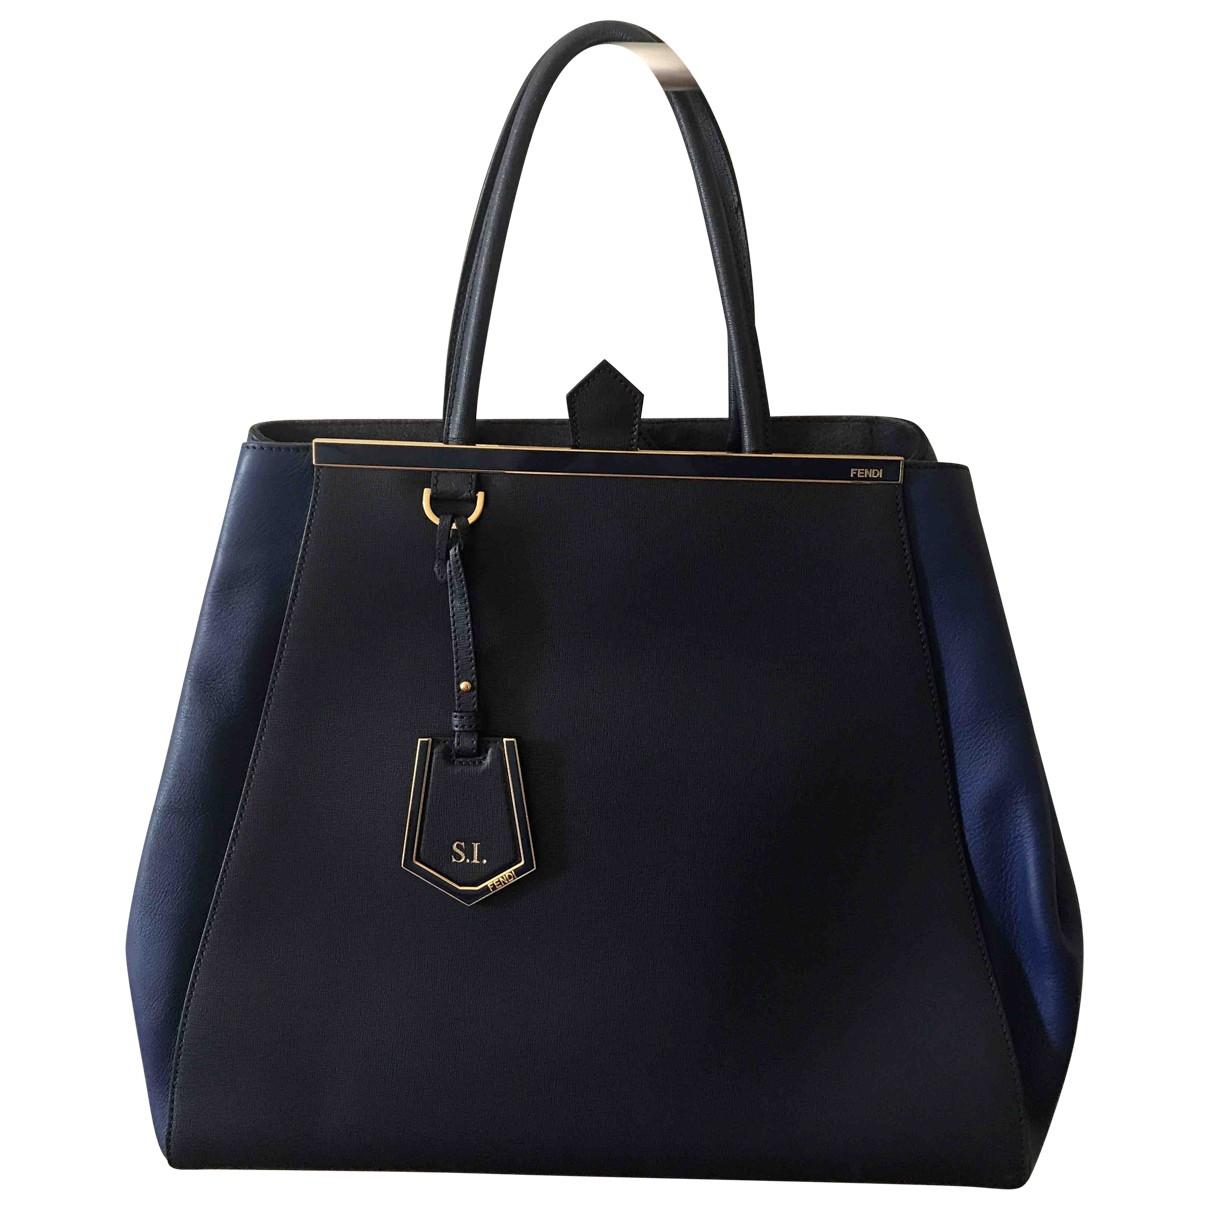 Fendi 2Jours Blue Leather handbag for Women \N